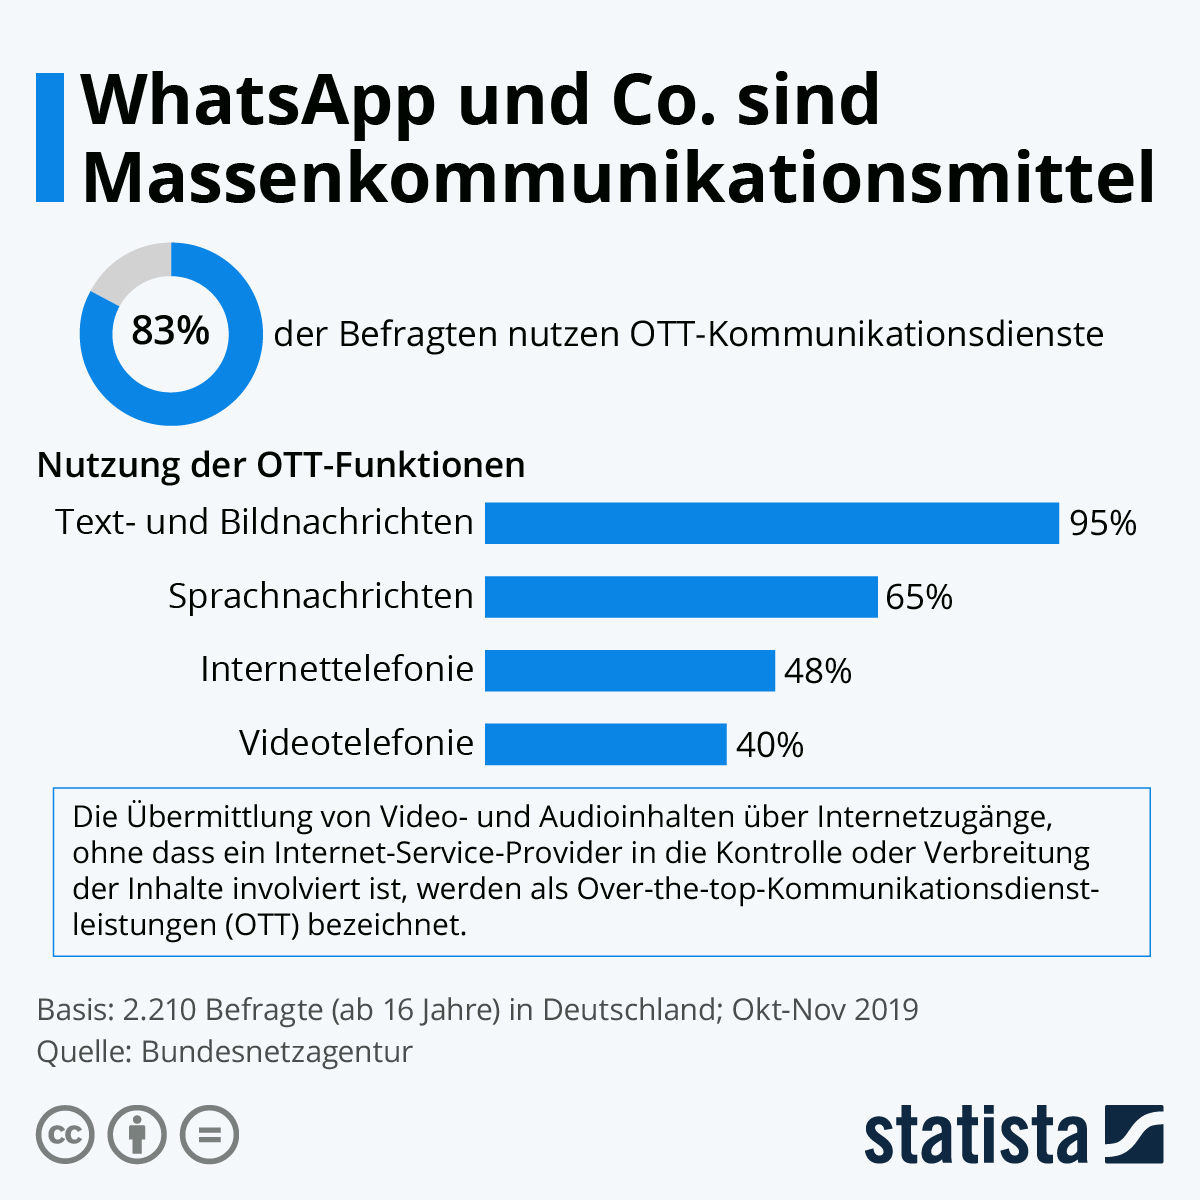 Infografik: WhatsApp und Co. sind Massenkommunikationsmittel | Statista